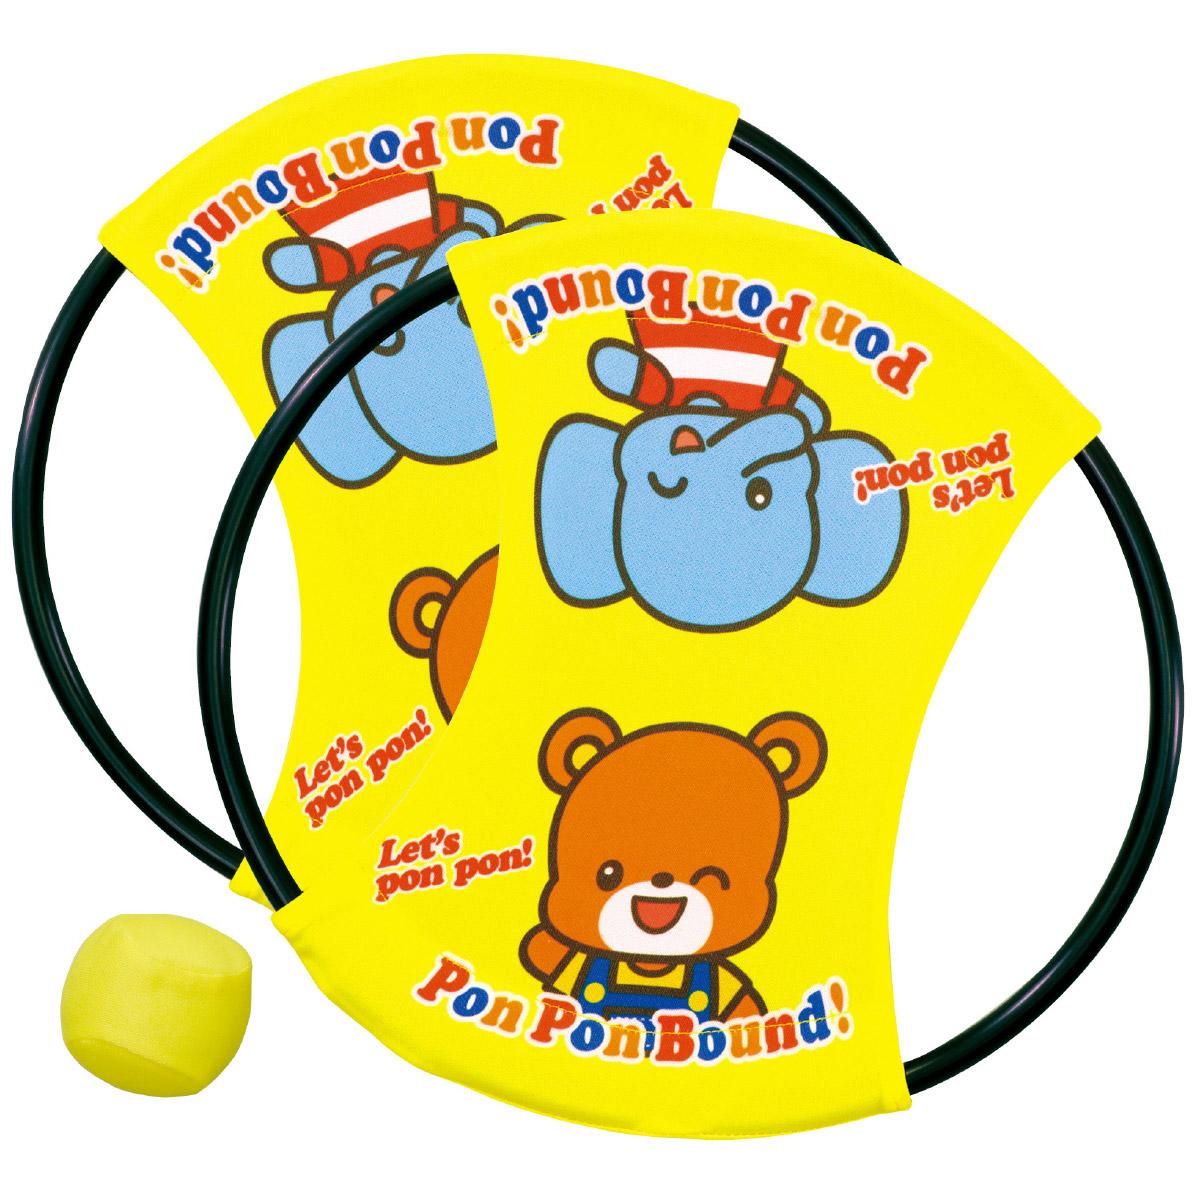 アニマルポンポンバウンド スマイル ボール 玩具 動物 幼児 ゲーム クリスマスプレゼント